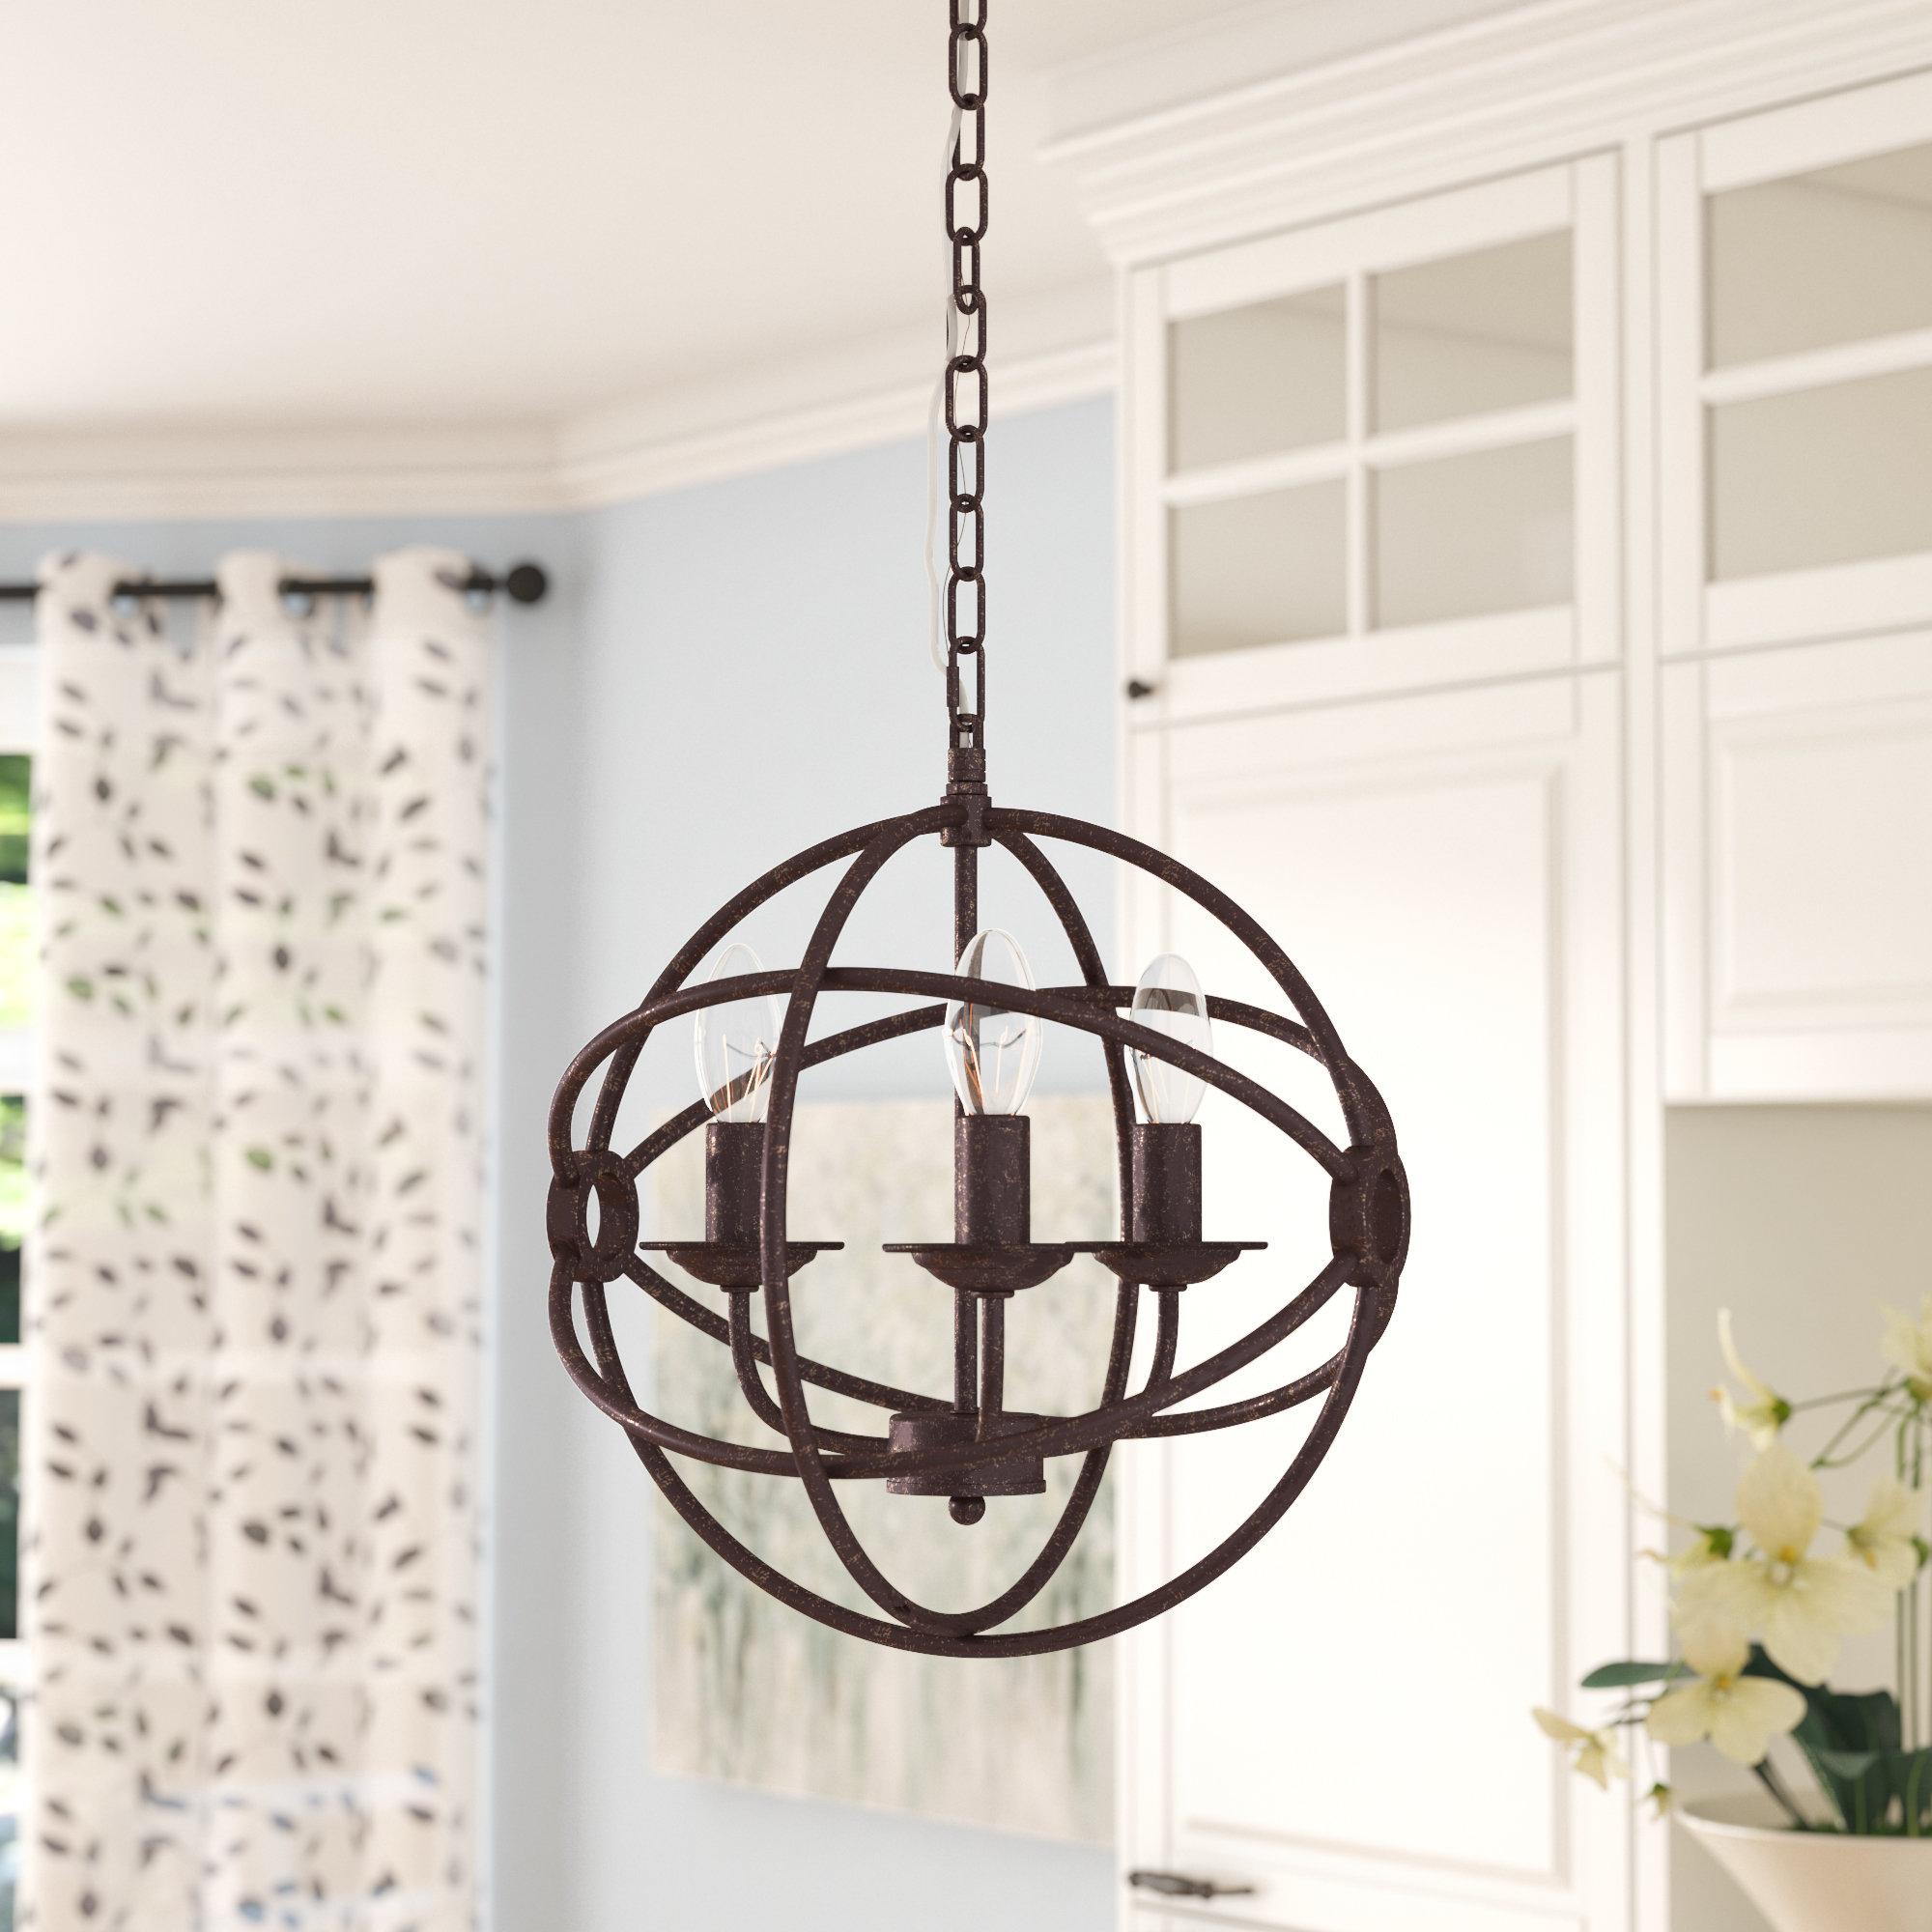 Recent Shipststour 3-Light Globe Chandelier regarding Alden 3-Light Single Globe Pendants